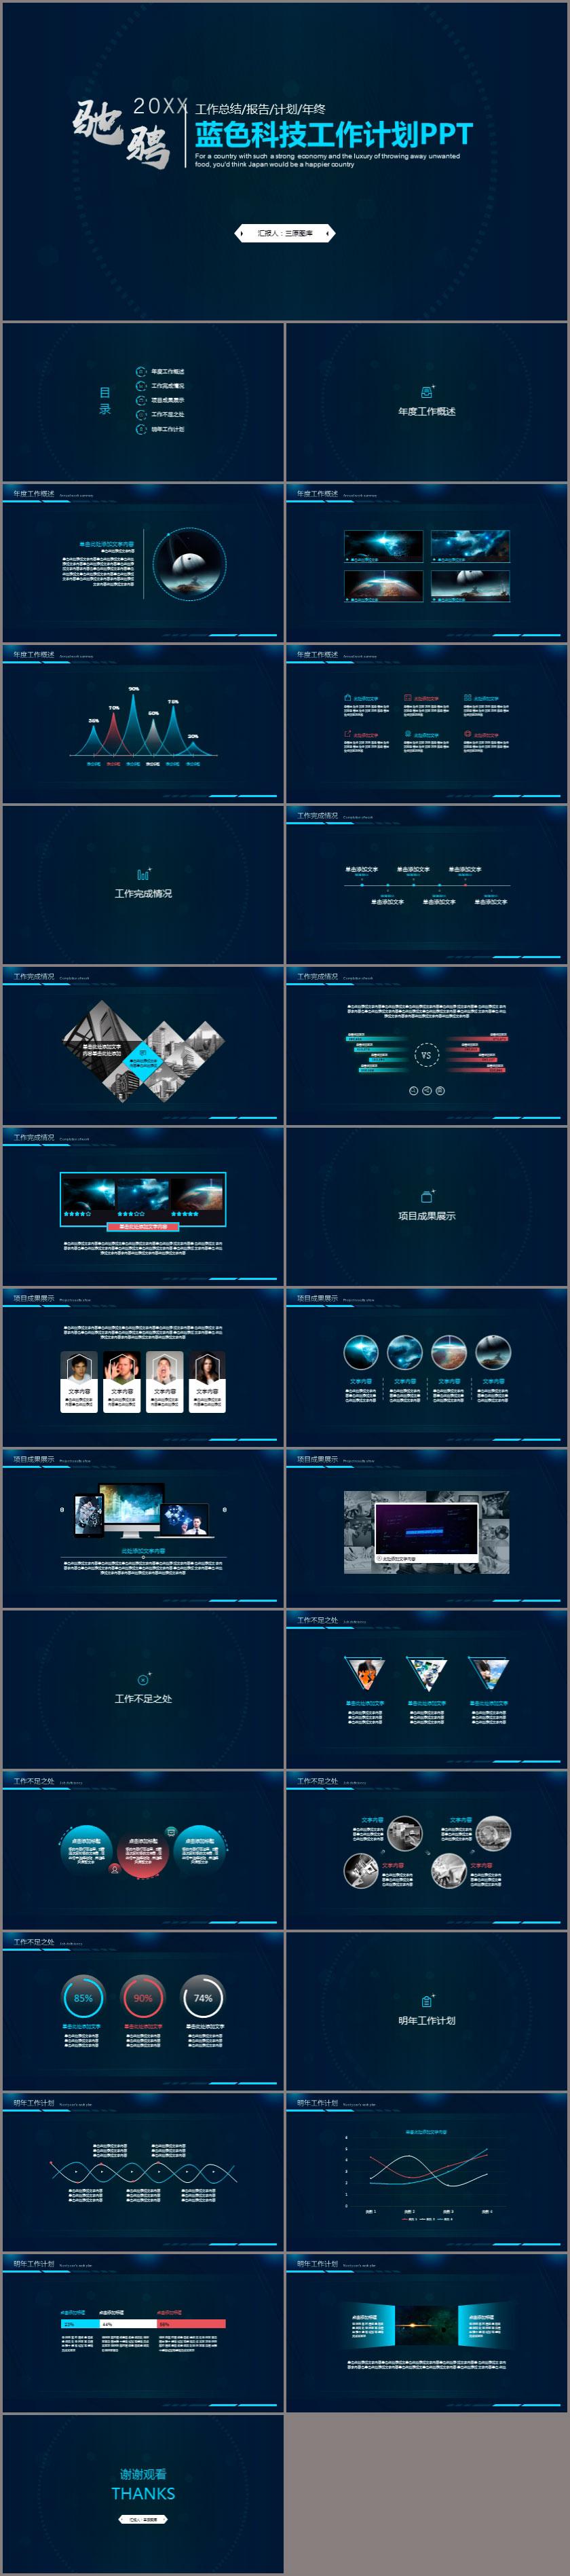 蓝色科技主题工作计划PPT模板